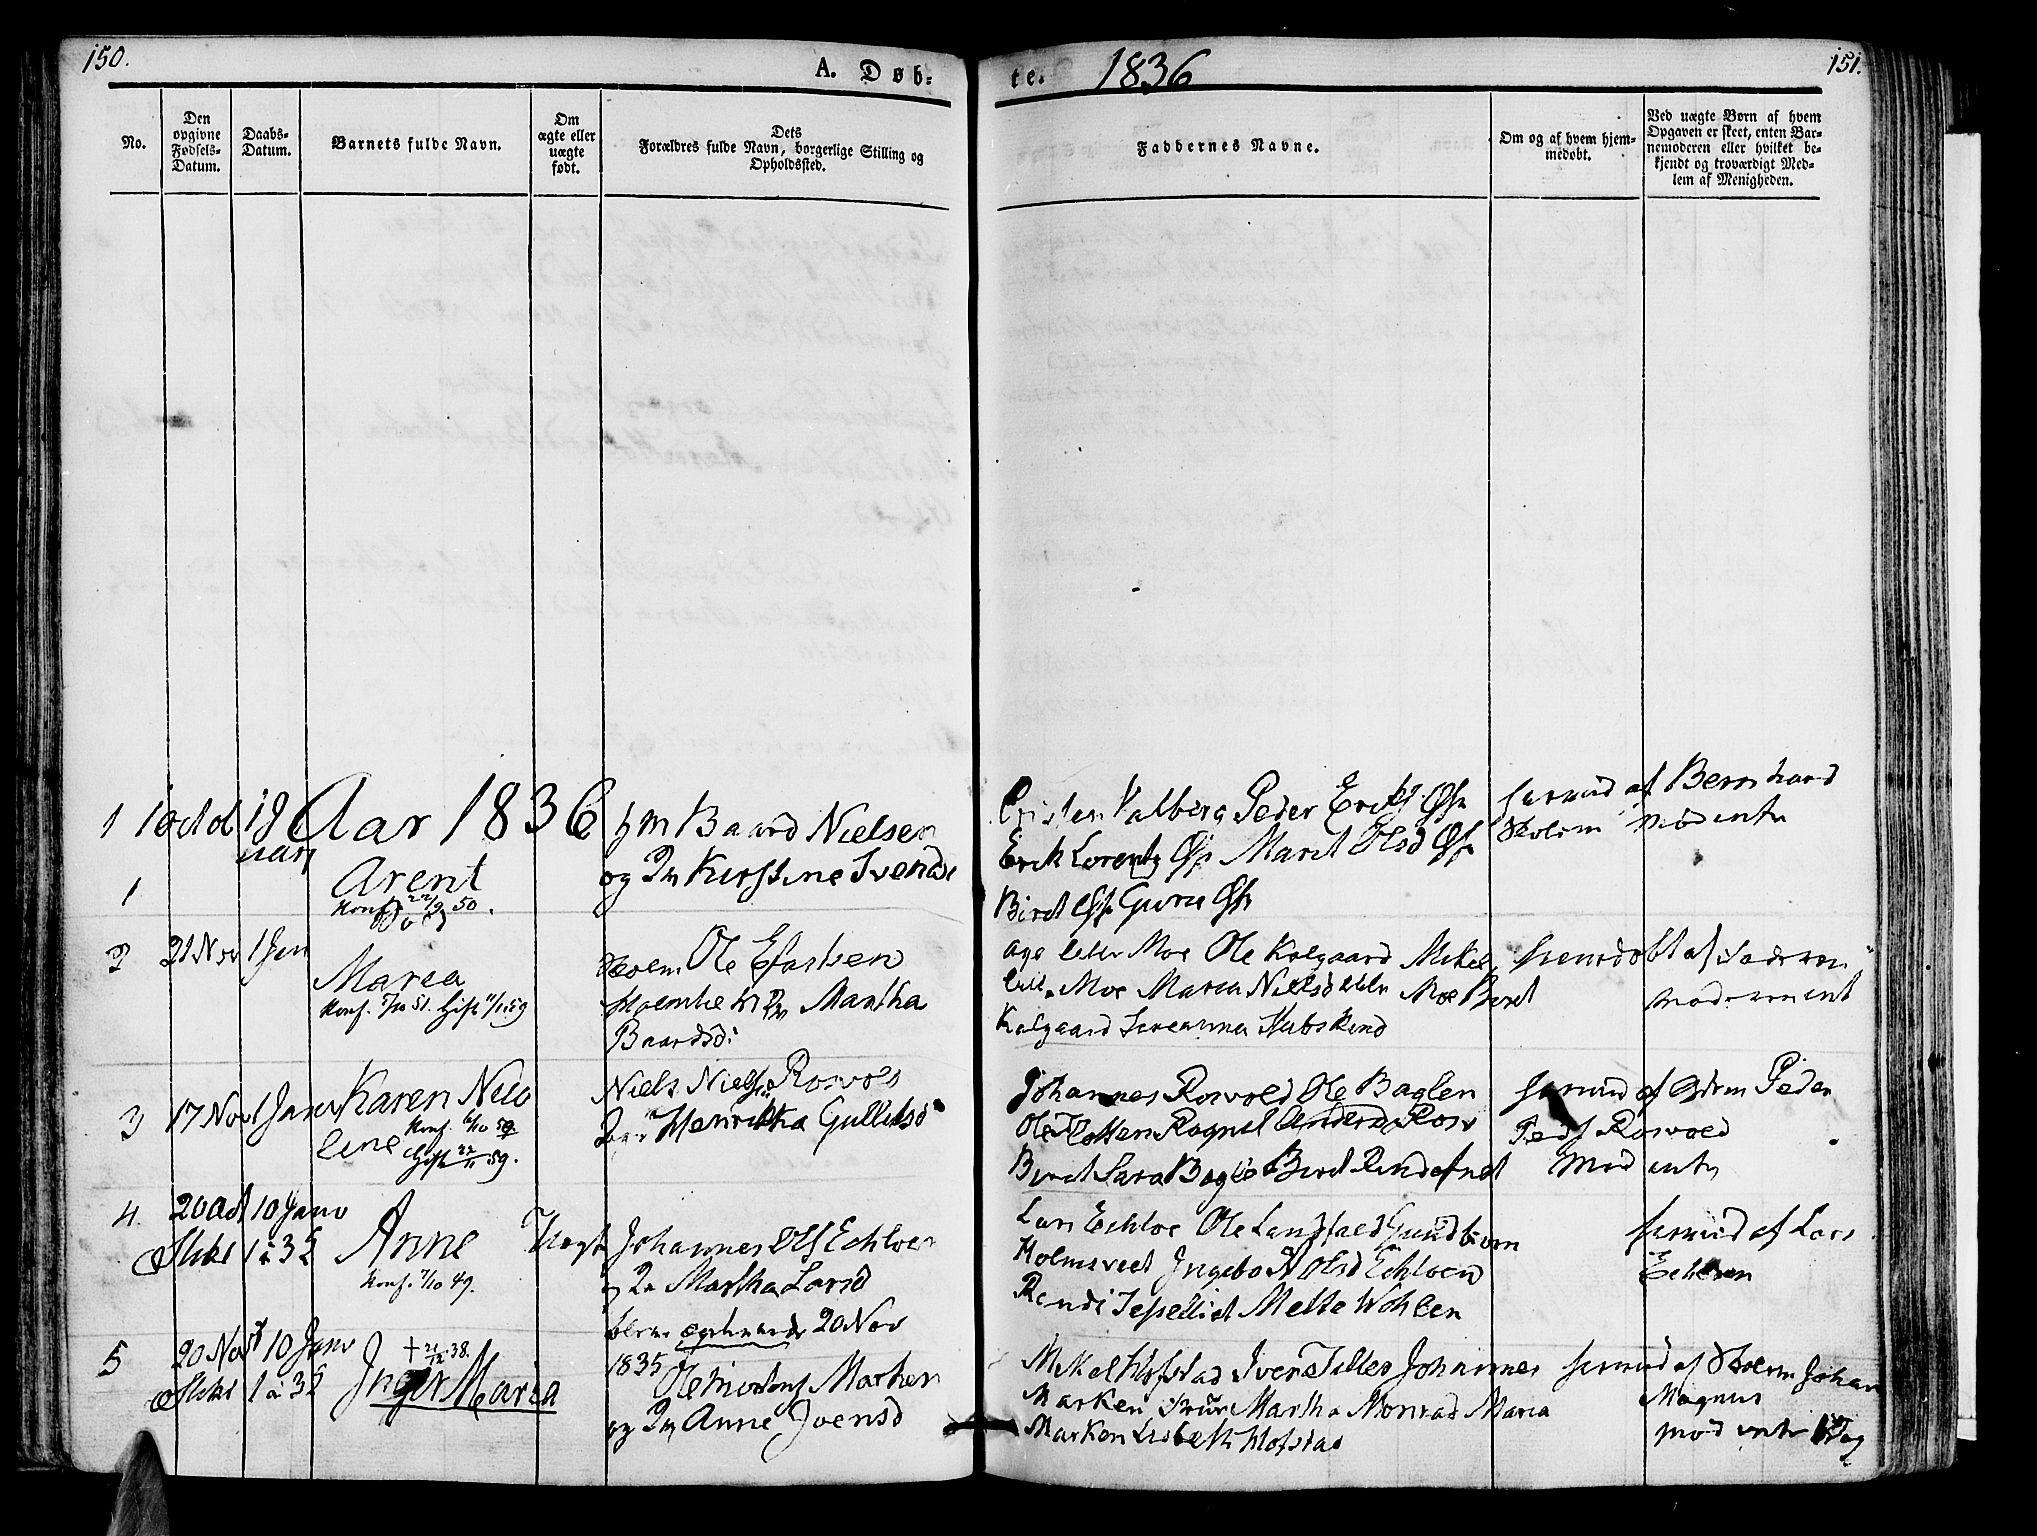 SAT, Ministerialprotokoller, klokkerbøker og fødselsregistre - Nord-Trøndelag, 723/L0238: Ministerialbok nr. 723A07, 1831-1840, s. 150-151